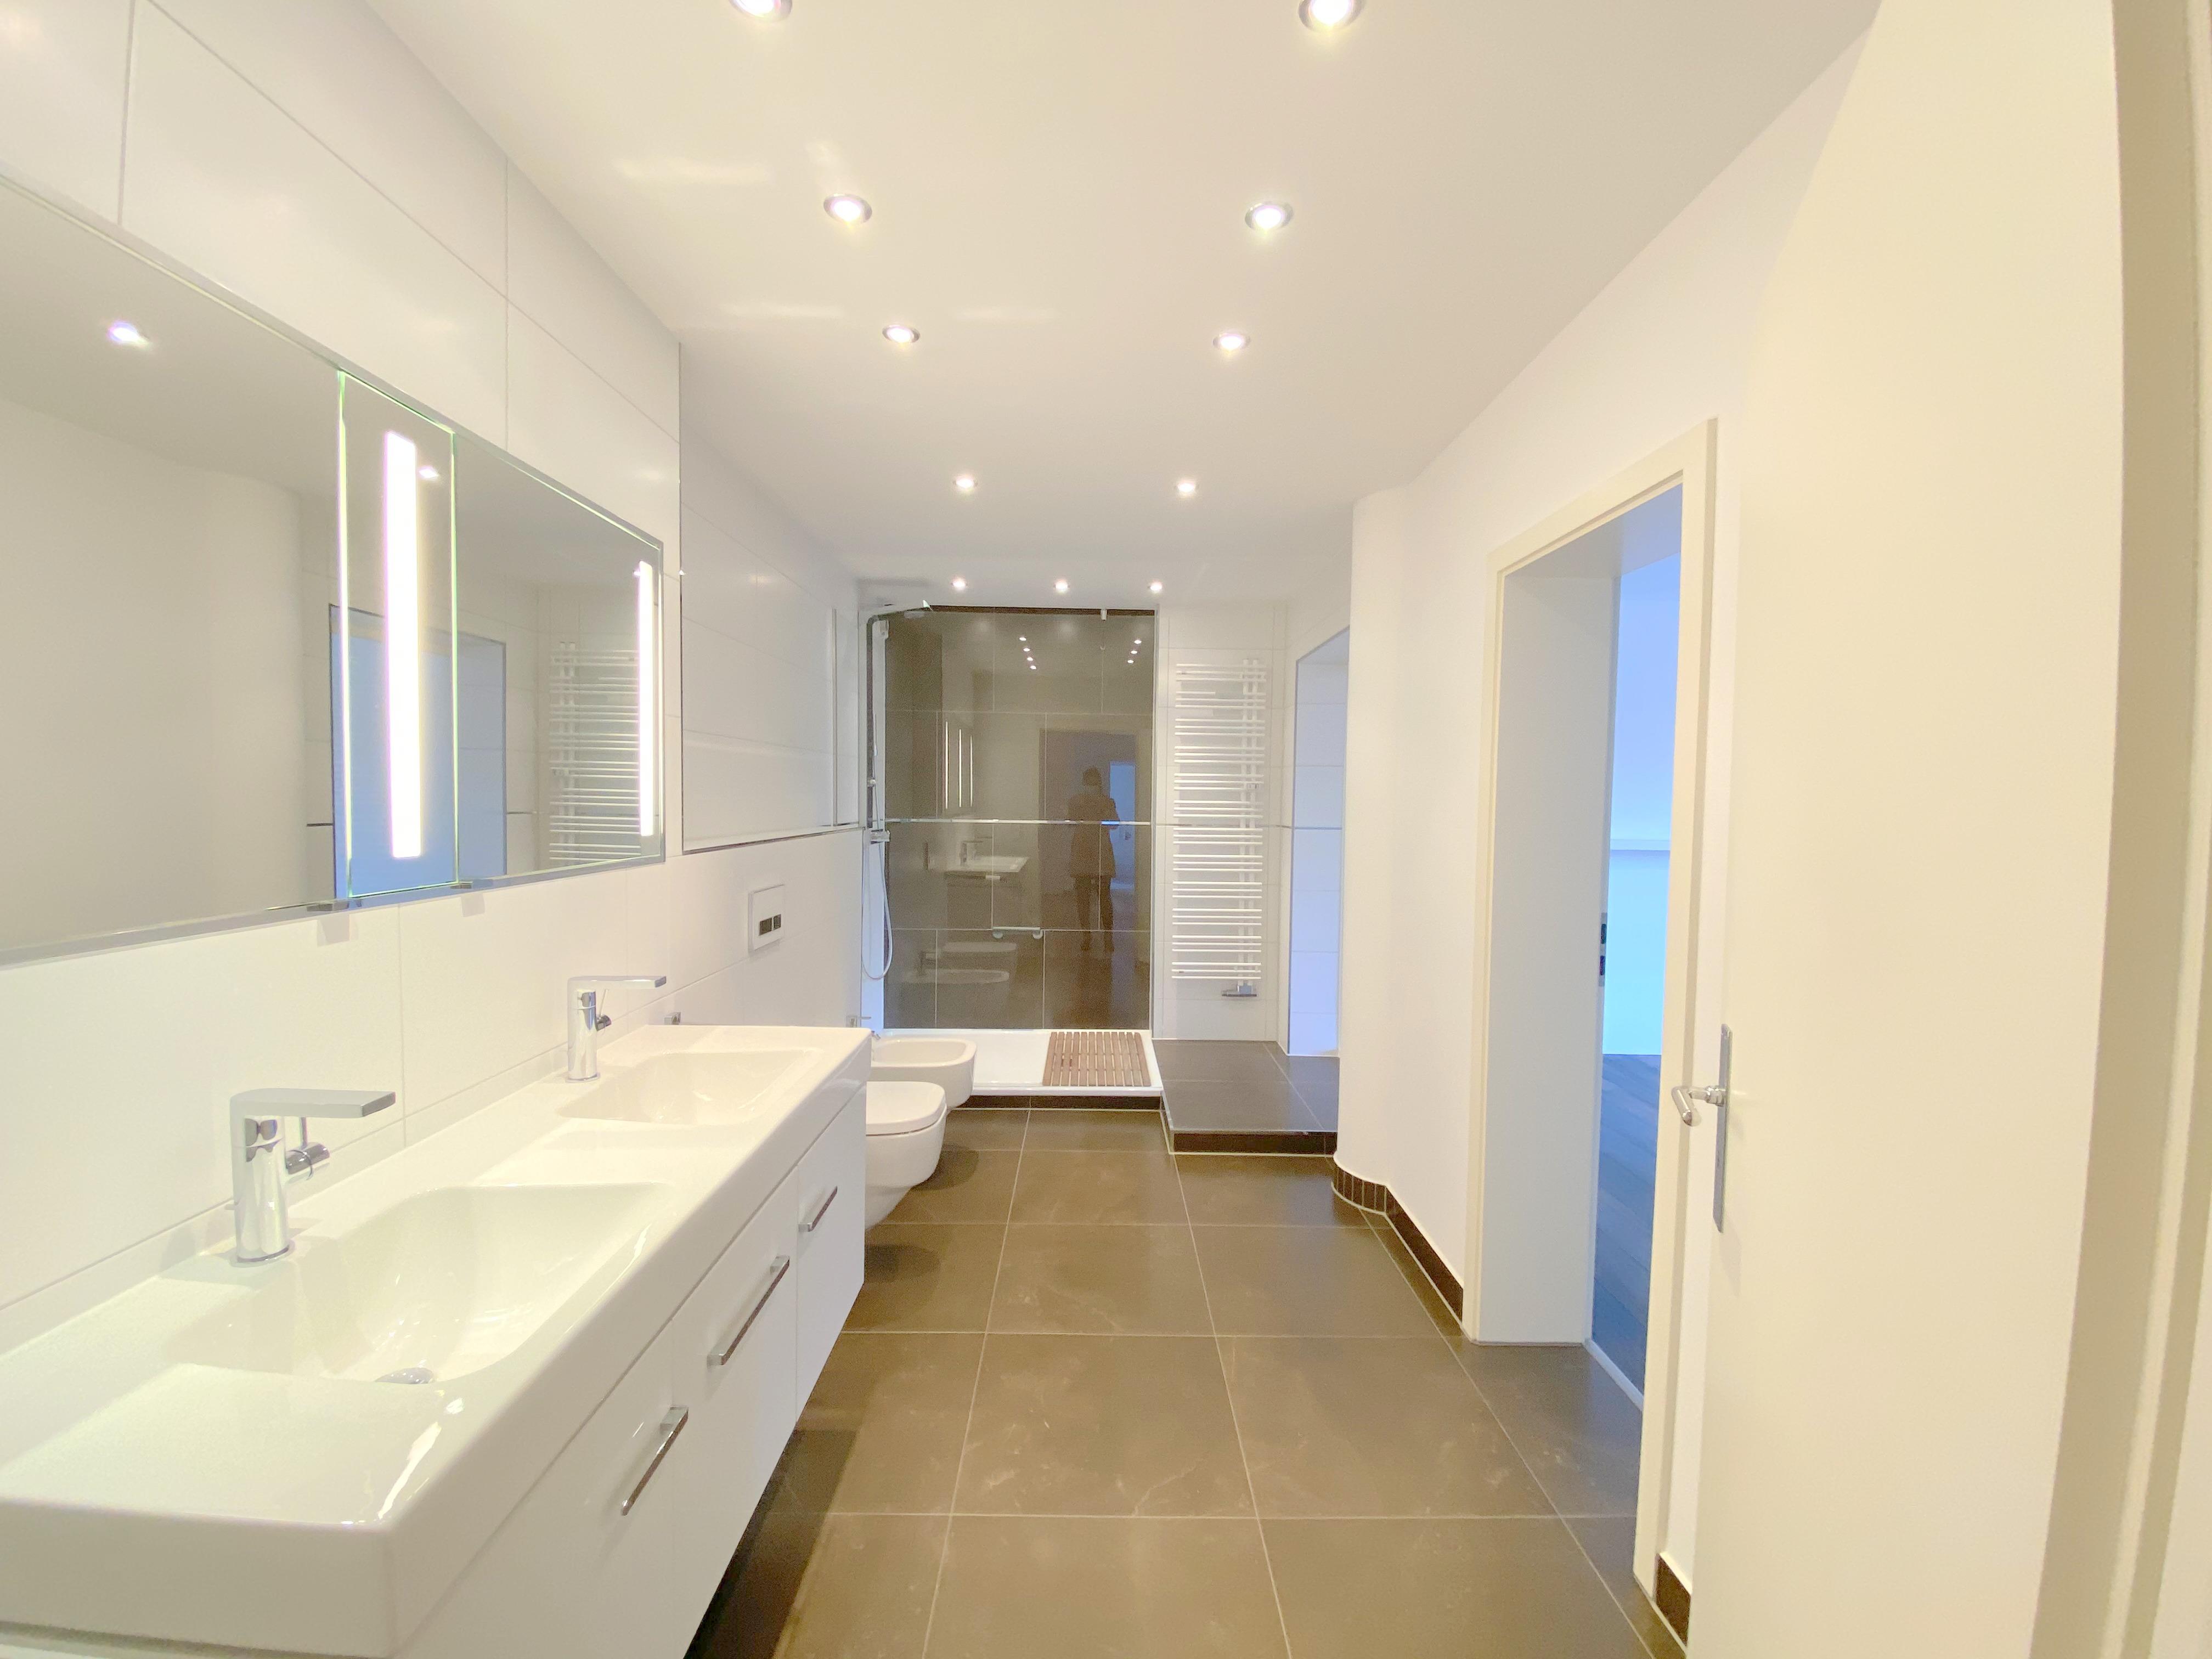 Haus-im-Haus-Stil: Exklusive Maisonette-Wohnung mit 2 Balkonen, Garten-Alleinnutzung + Garage in Unterrath